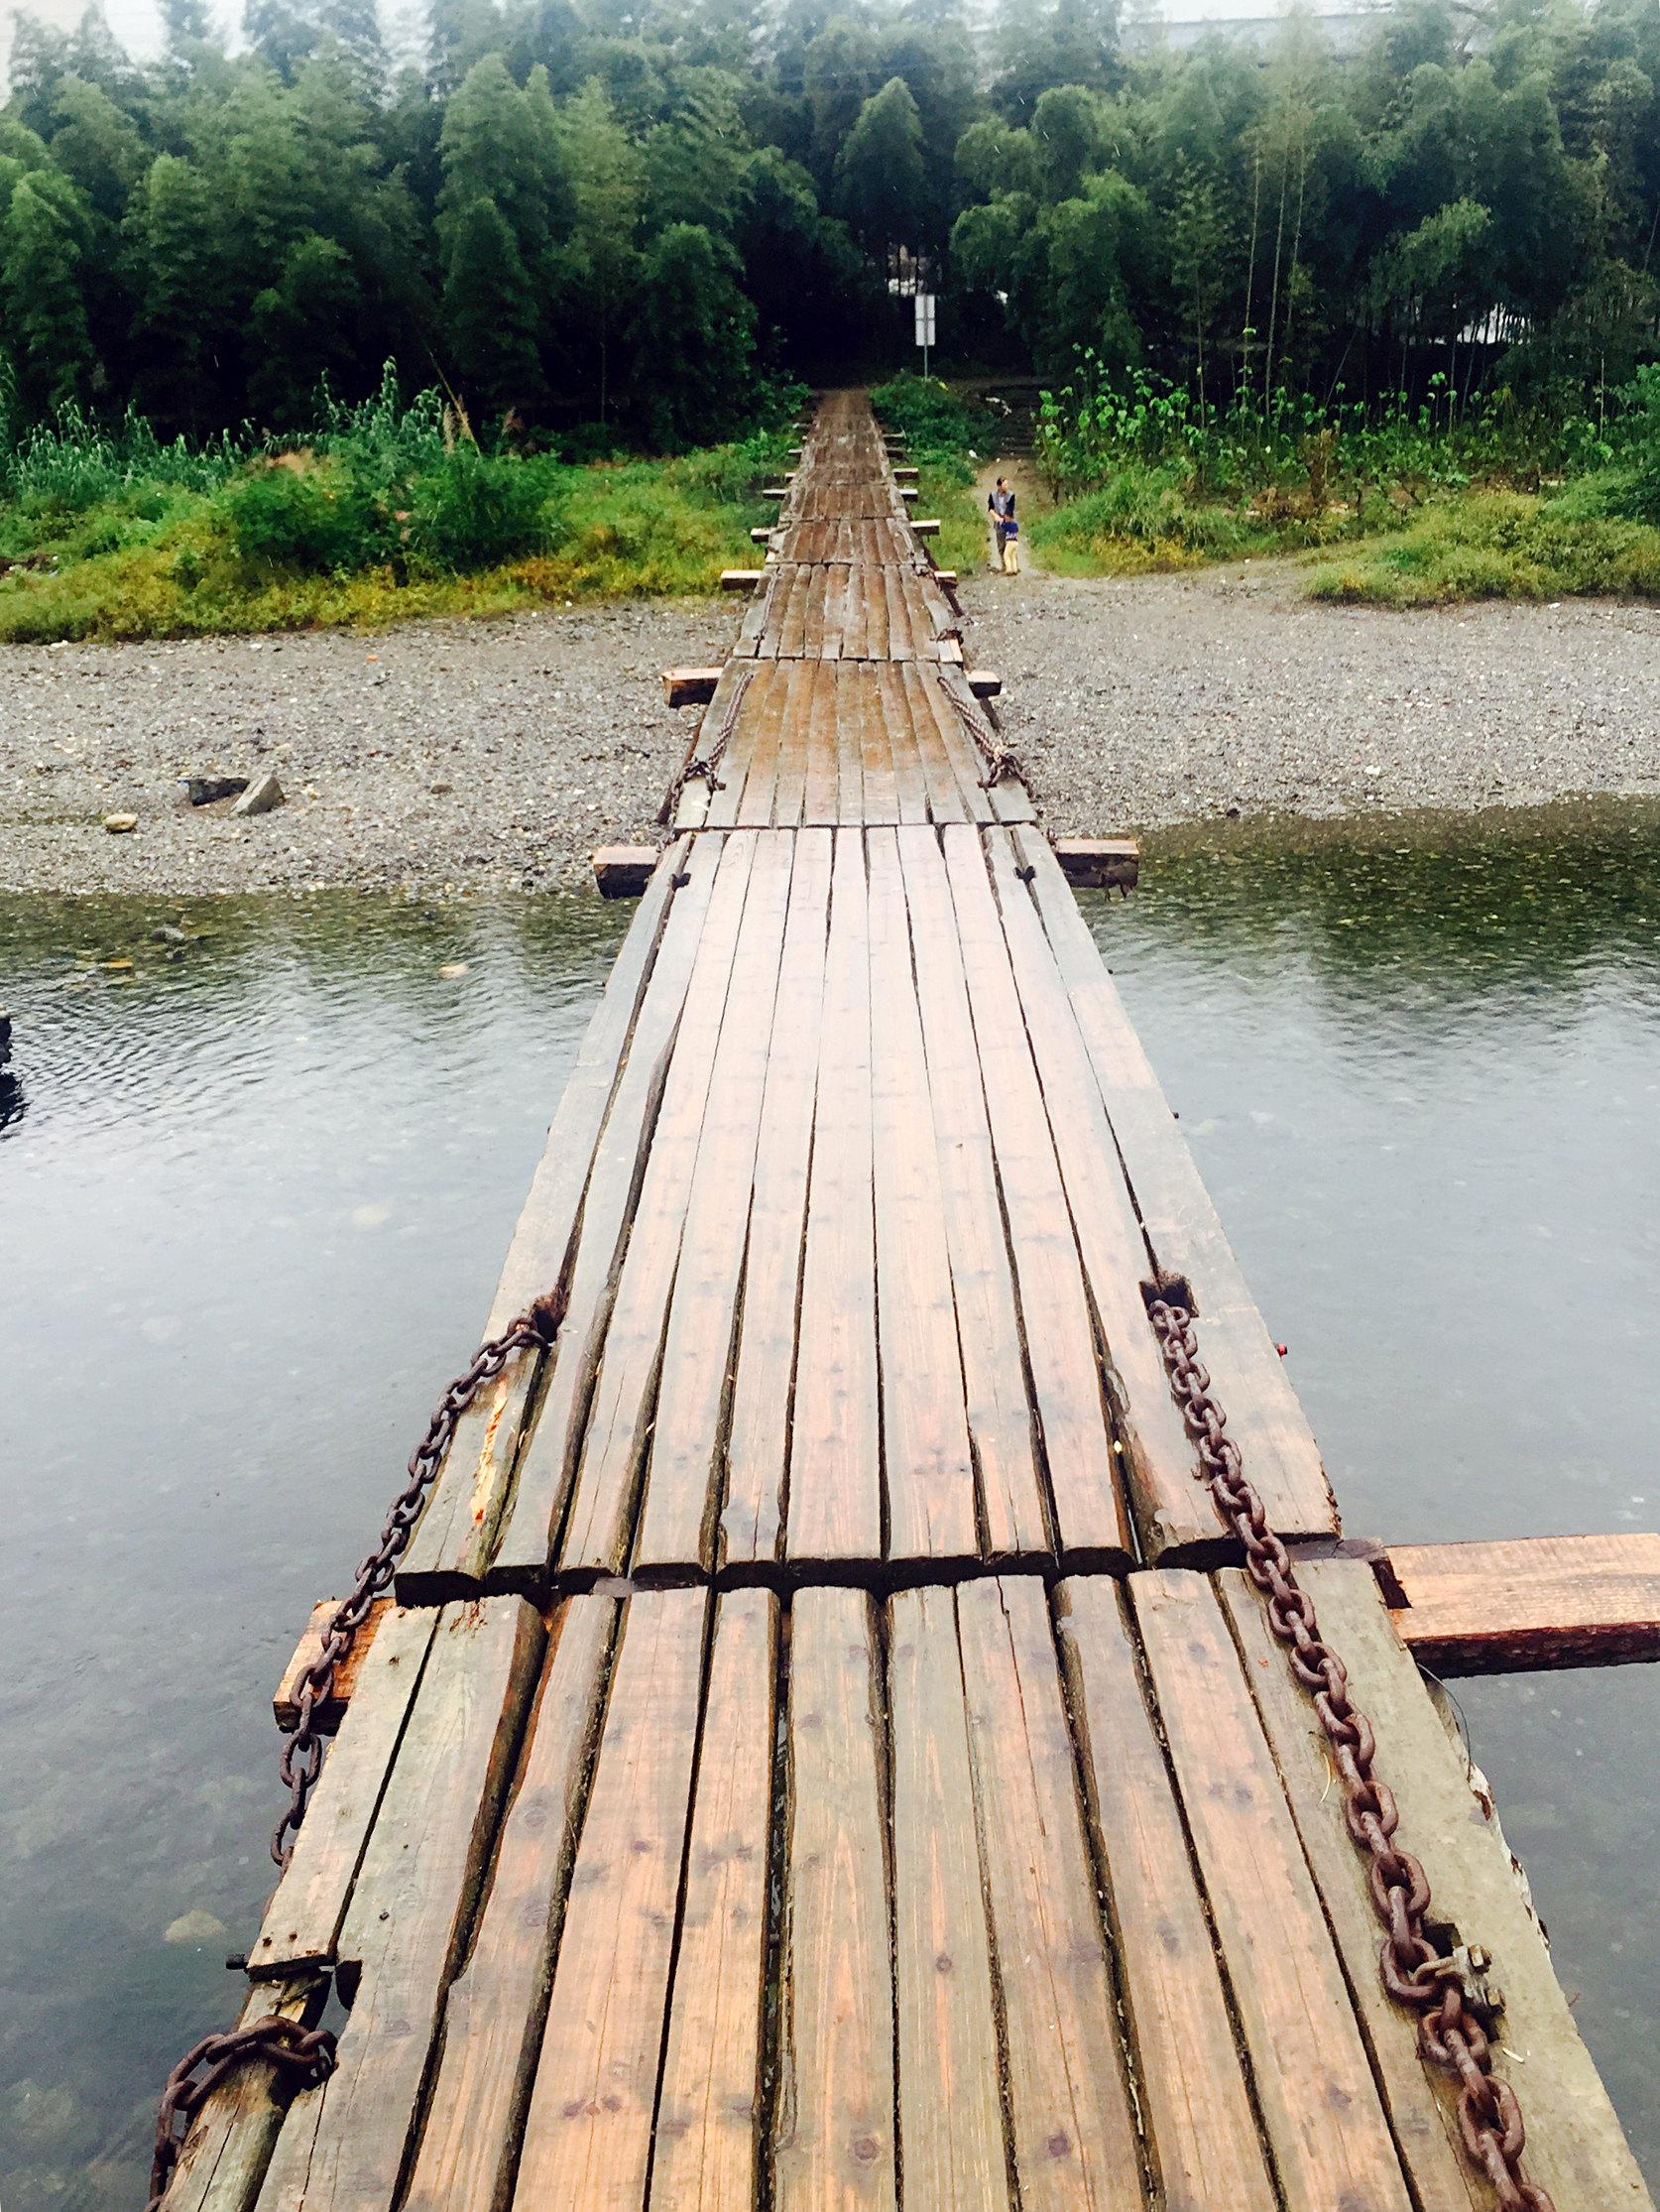 大家在桥上合影留念,走上去的时候,木板会颤悠悠地上下轻晃,让人想起